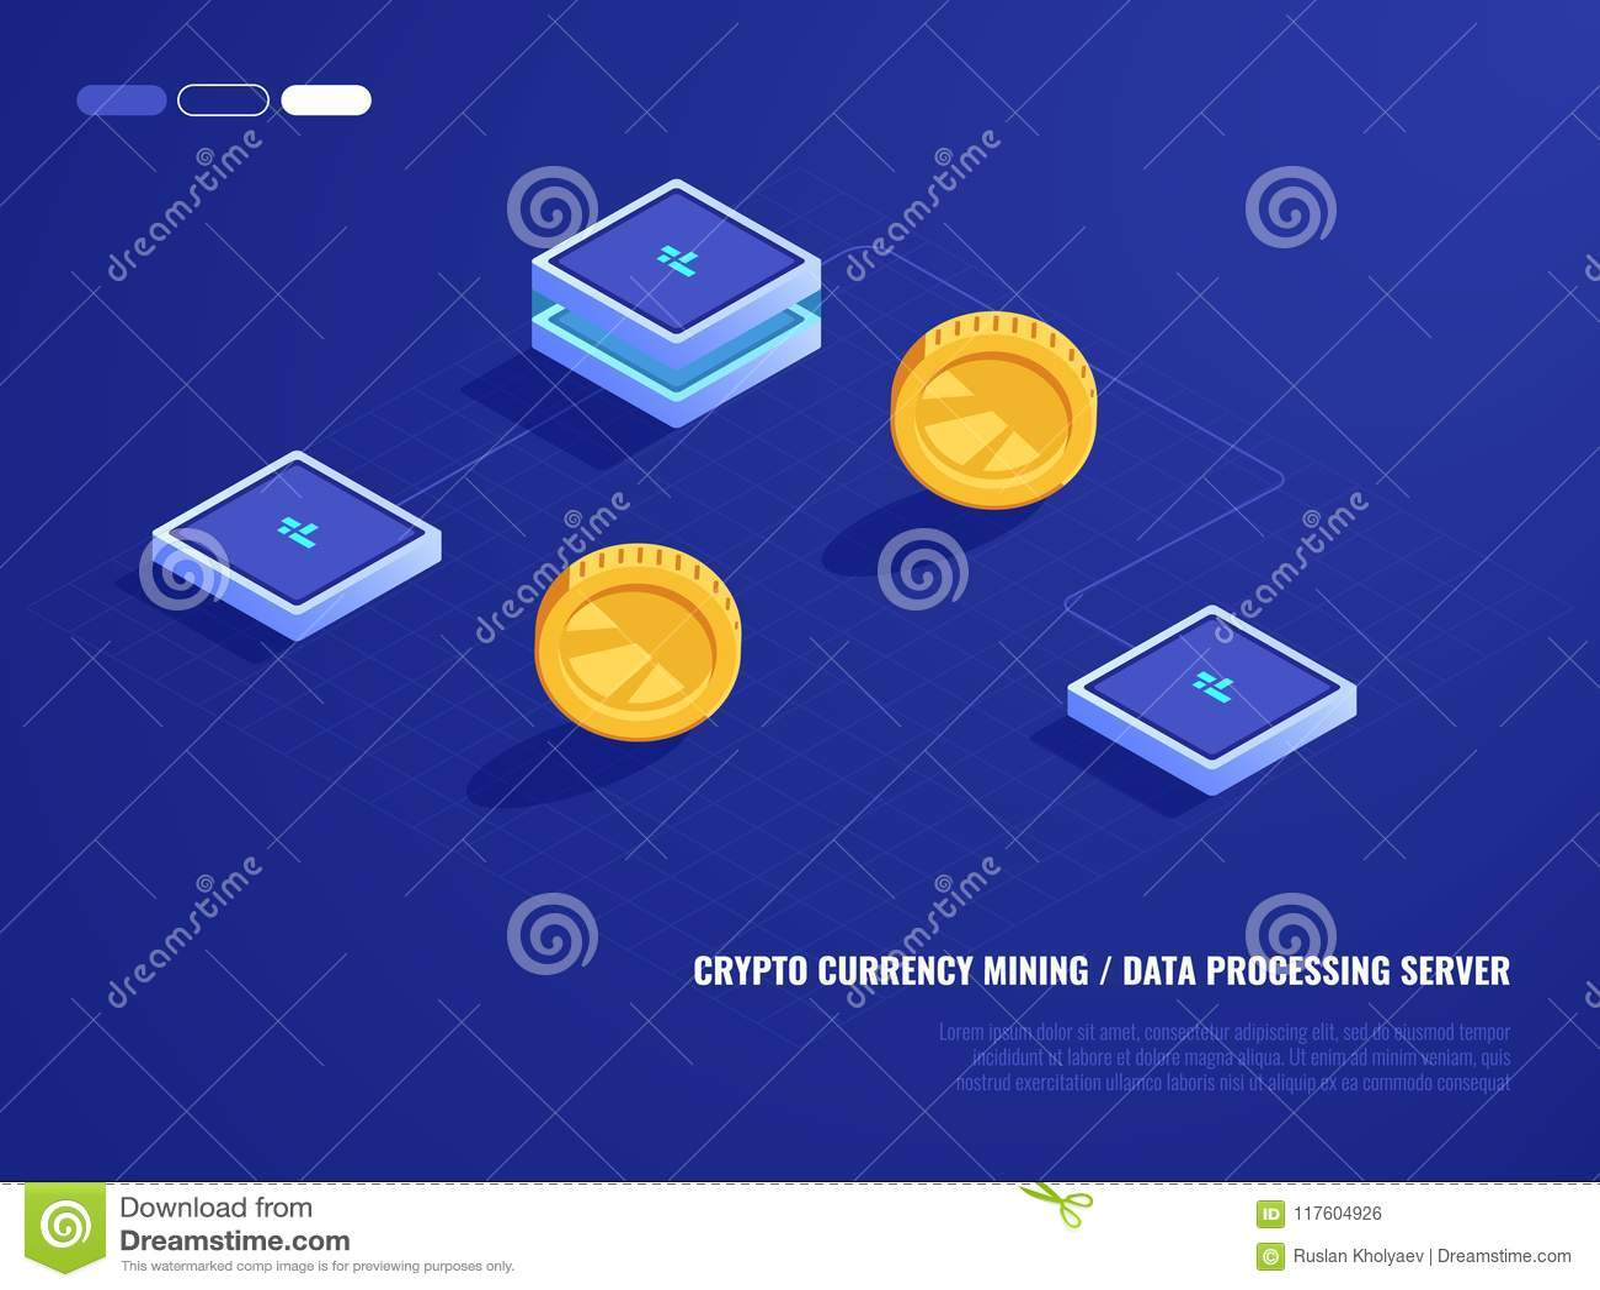 Pojęcie minować crypto walutę, narzędzia serweru pokój, moneta, komputerowa moc przetwarzania, baza danych isometric